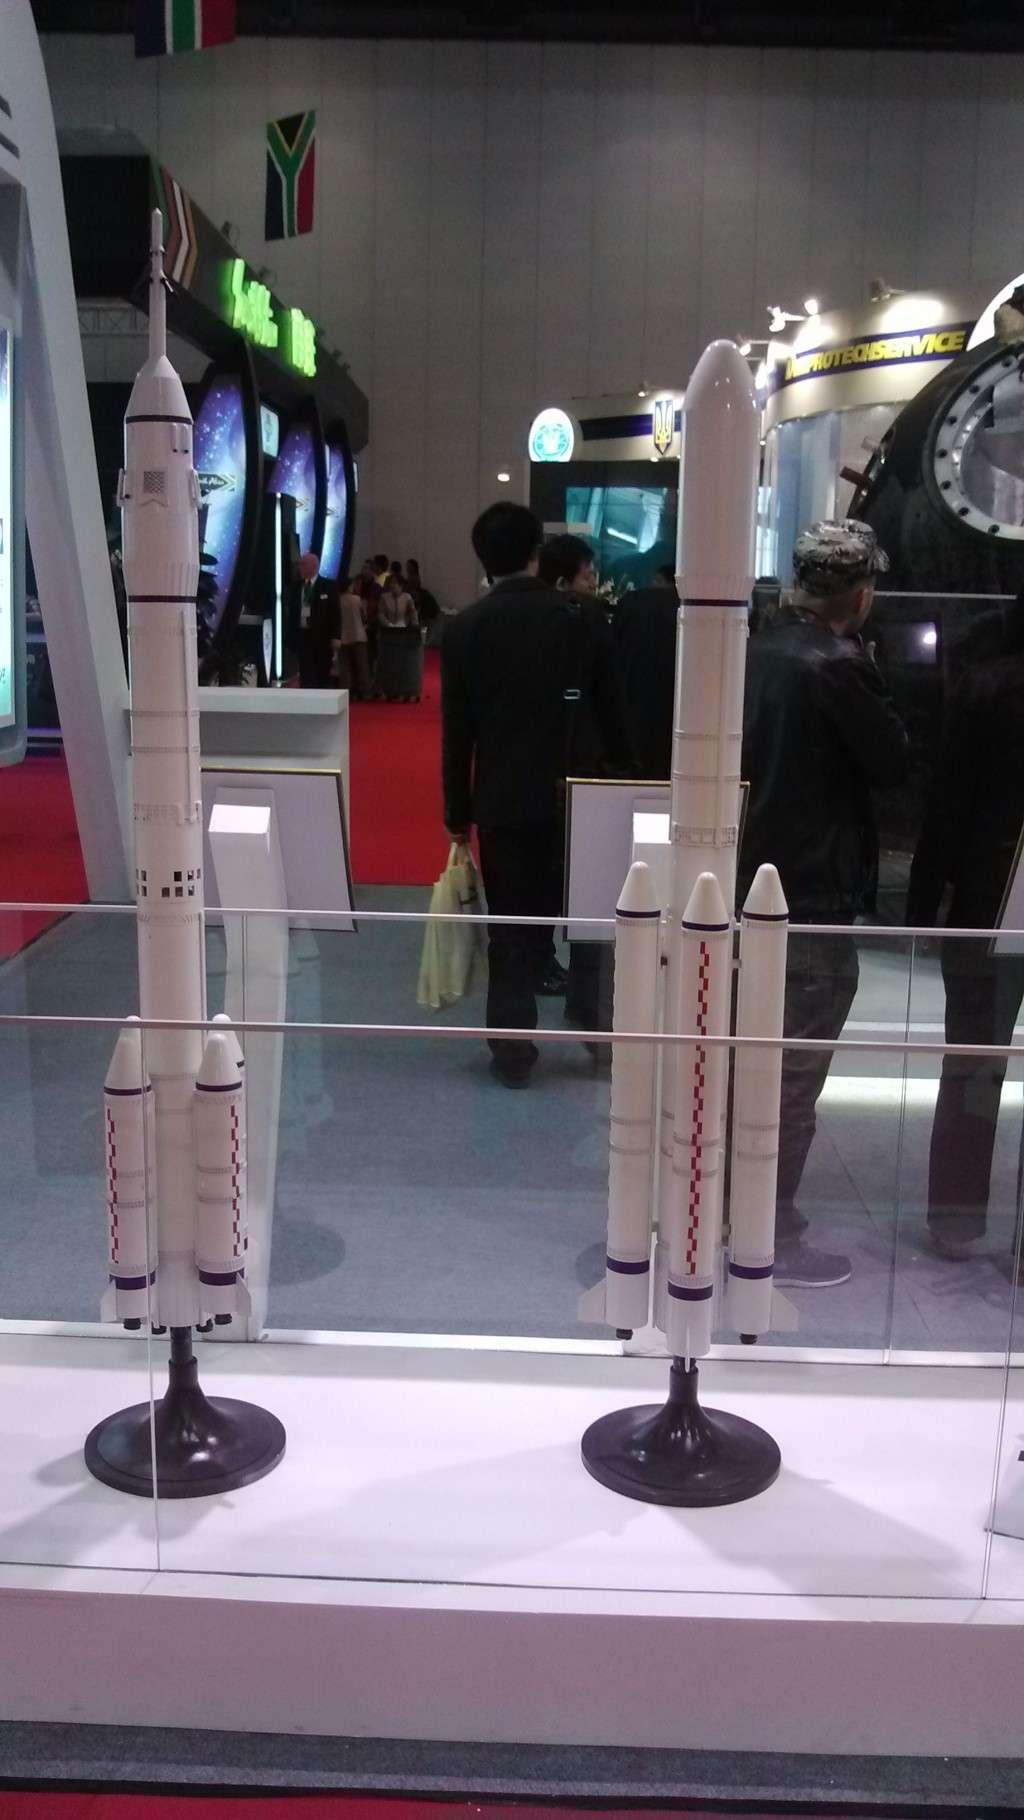 [Chine] CZ-7 : nouvelle génération de lanceur moyen Milita12